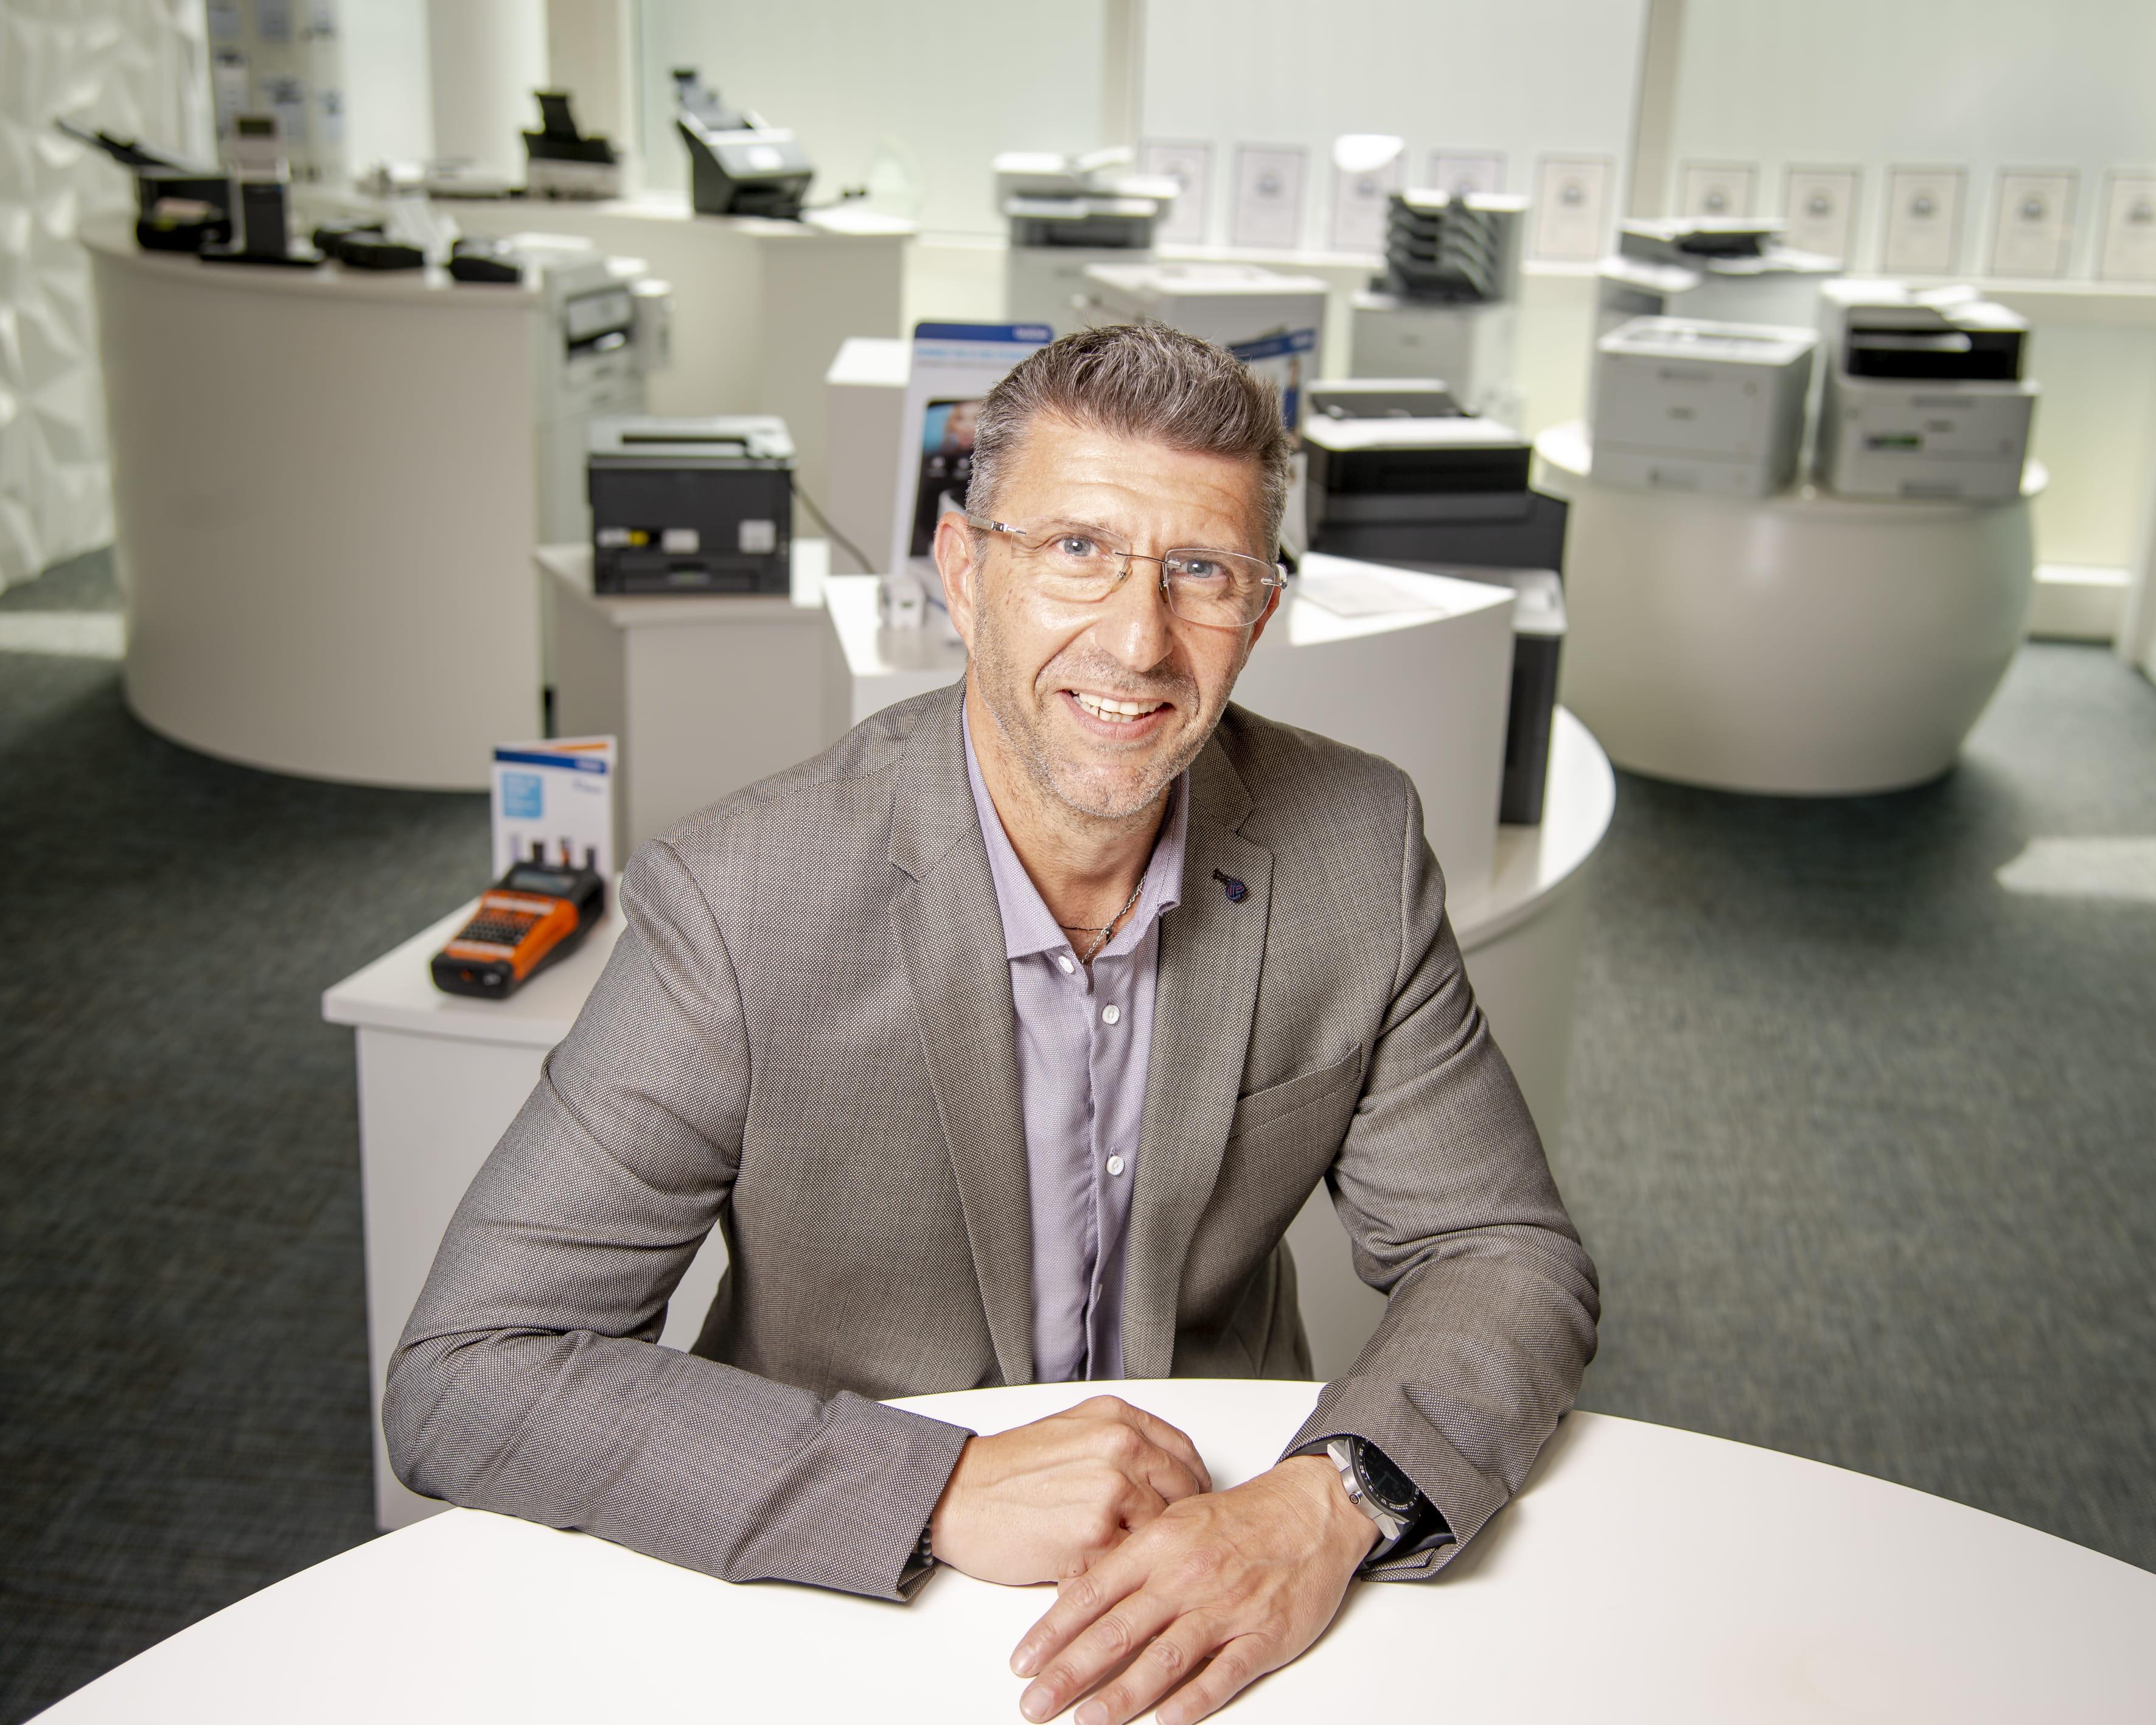 Didier Delfino